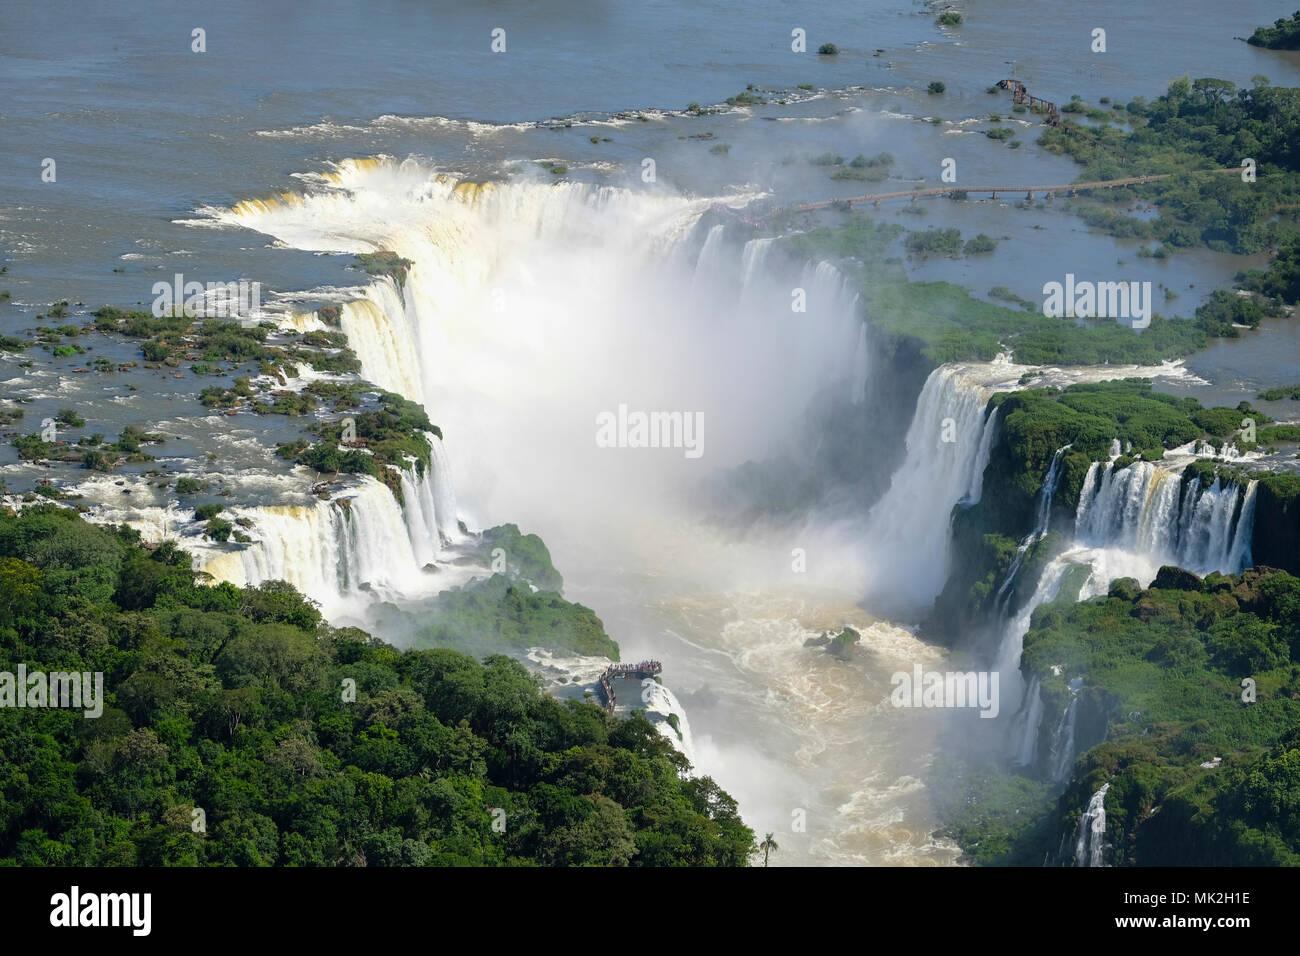 Vue aérienne de la Gorge du Diable ou Garganta del Diablo à Iguassu (Iguacu / Iguazu Falls) sur la frontière de l'Argentine et le Brésil Banque D'Images